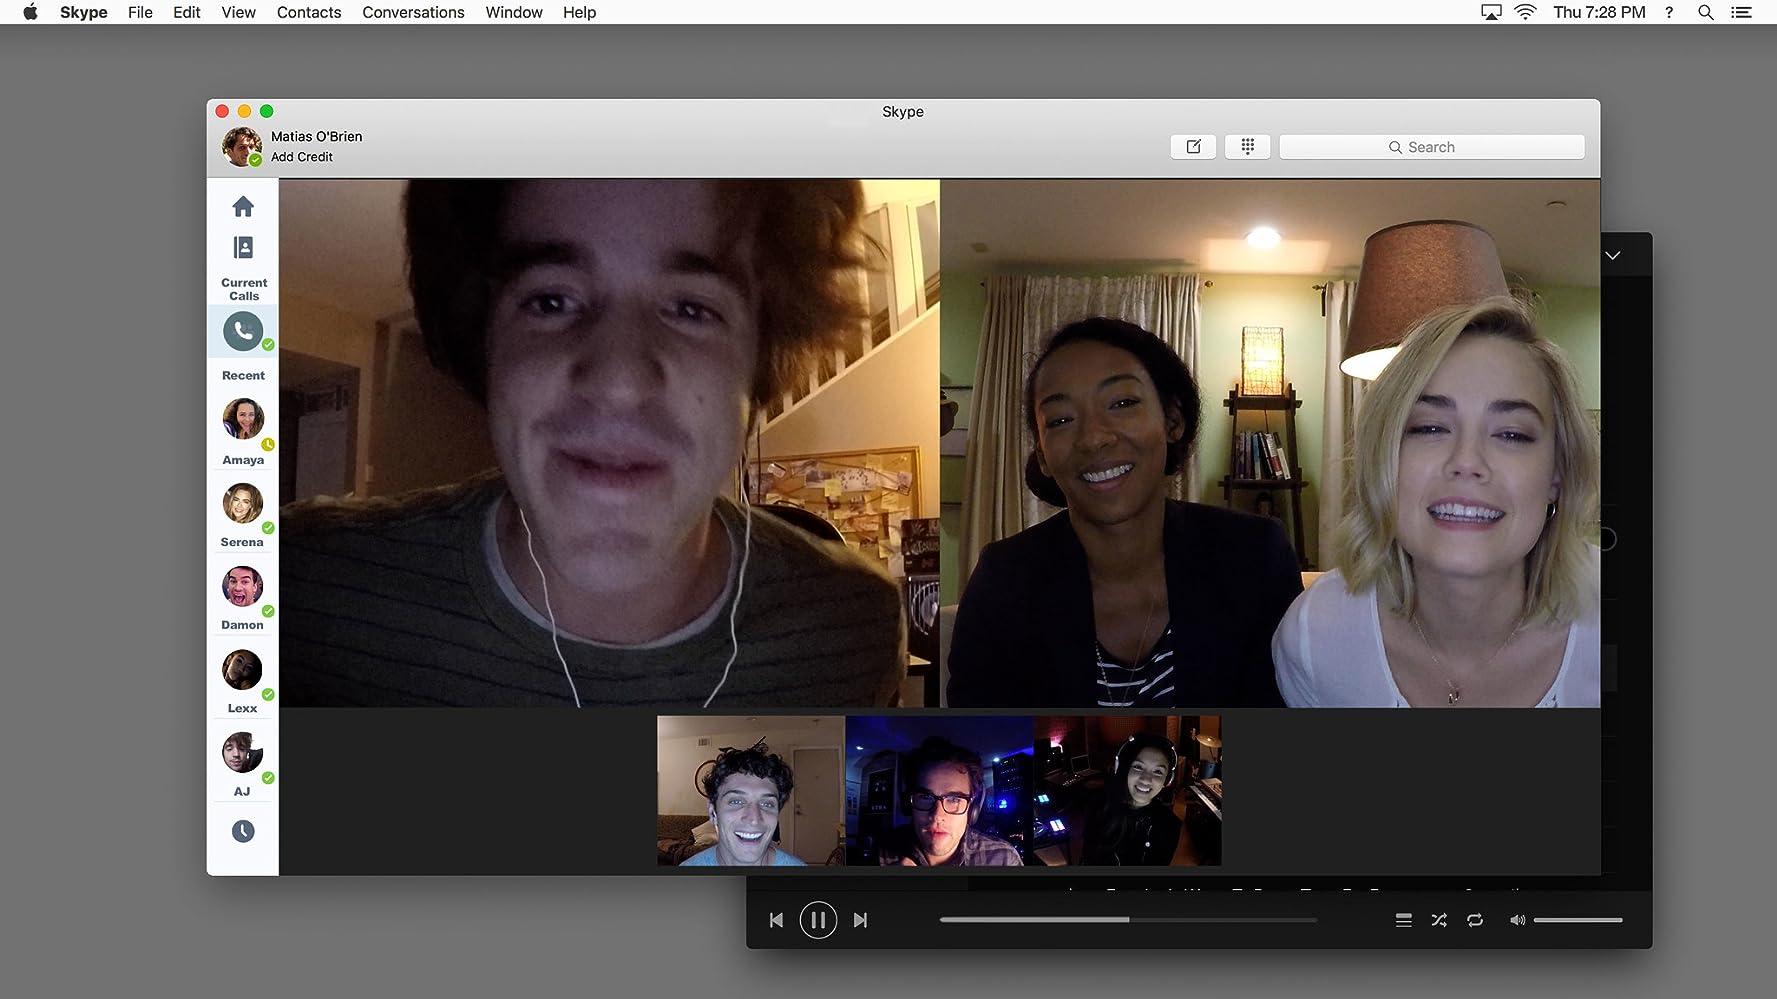 Sanalüstü 2 Dark Web İndir Türkçe Dublaj Ekran Görüntüsü 2